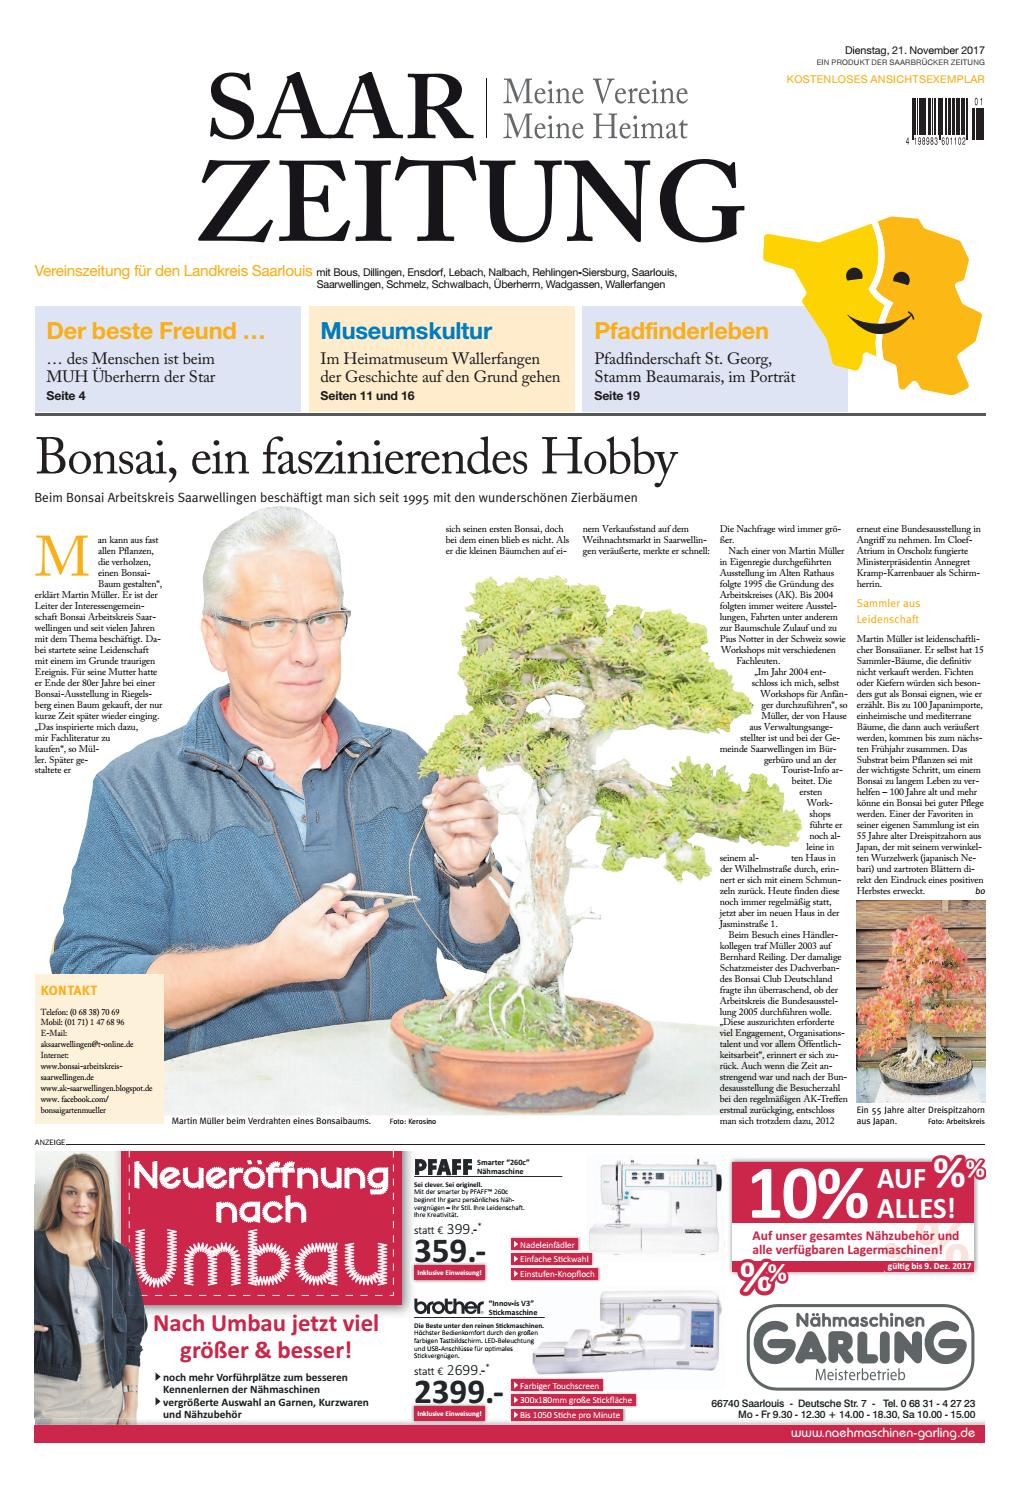 Saarzeitung Ausgabe Landkreis Saarlouis21 11 2017 By Saarbrucker Verlagsservice Gmbh Issuu